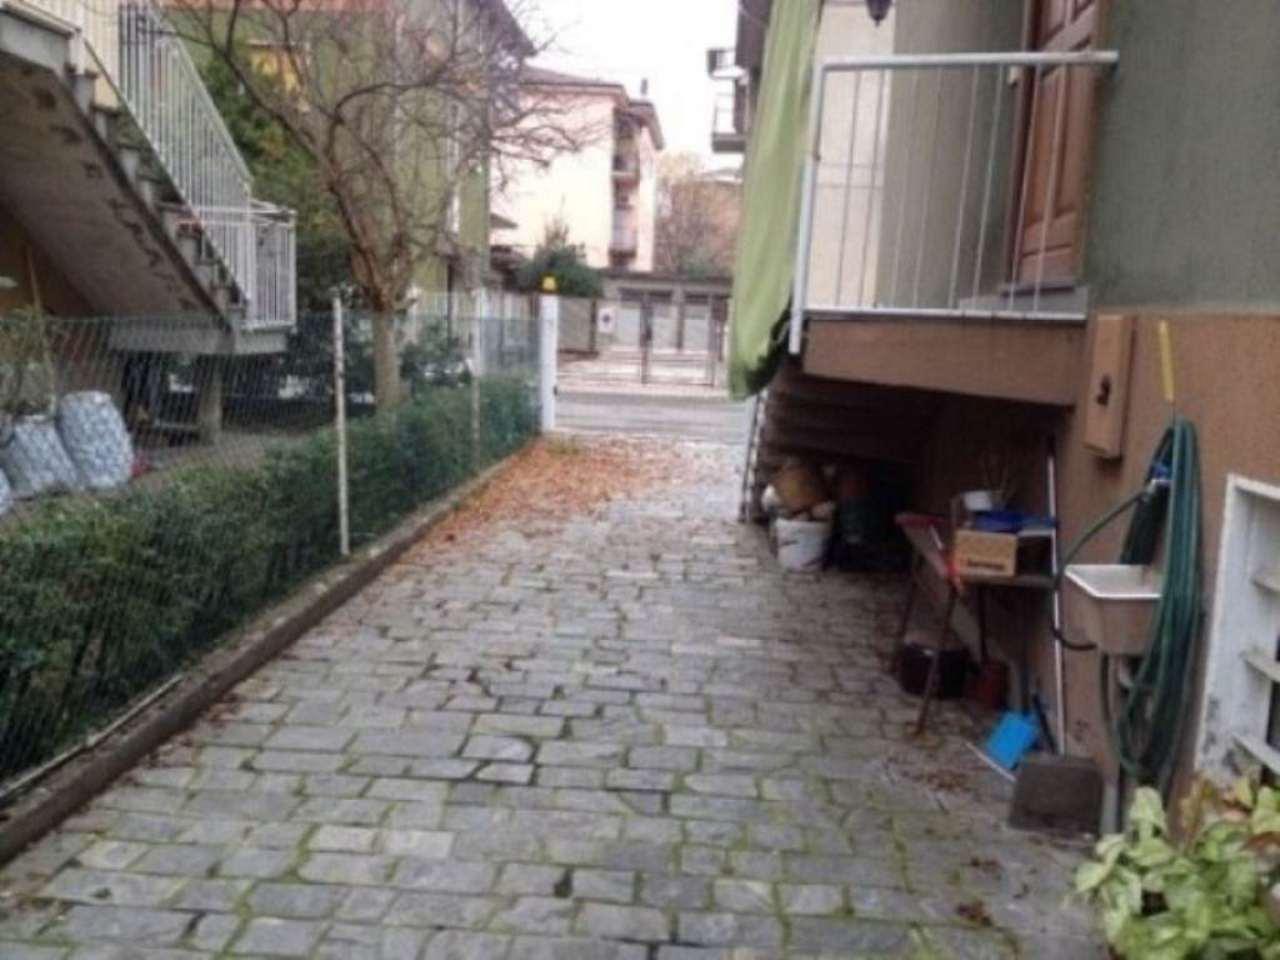 Villa in vendita a Piacenza, 4 locali, prezzo € 250.000 | CambioCasa.it